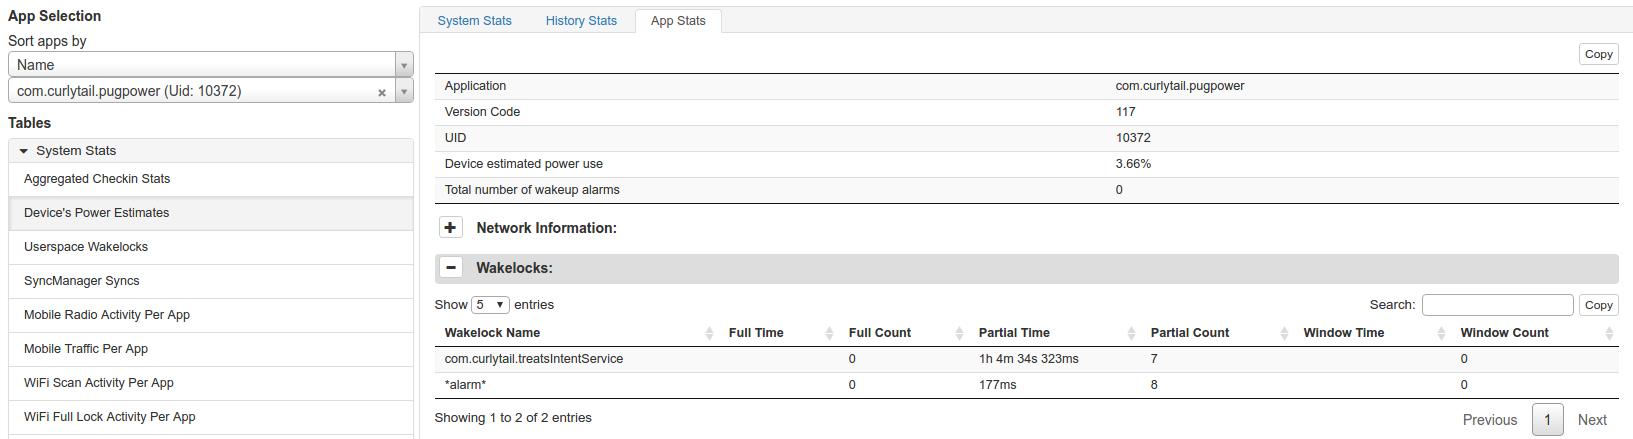 가상 앱 Pug Power의 표 형식 데이터